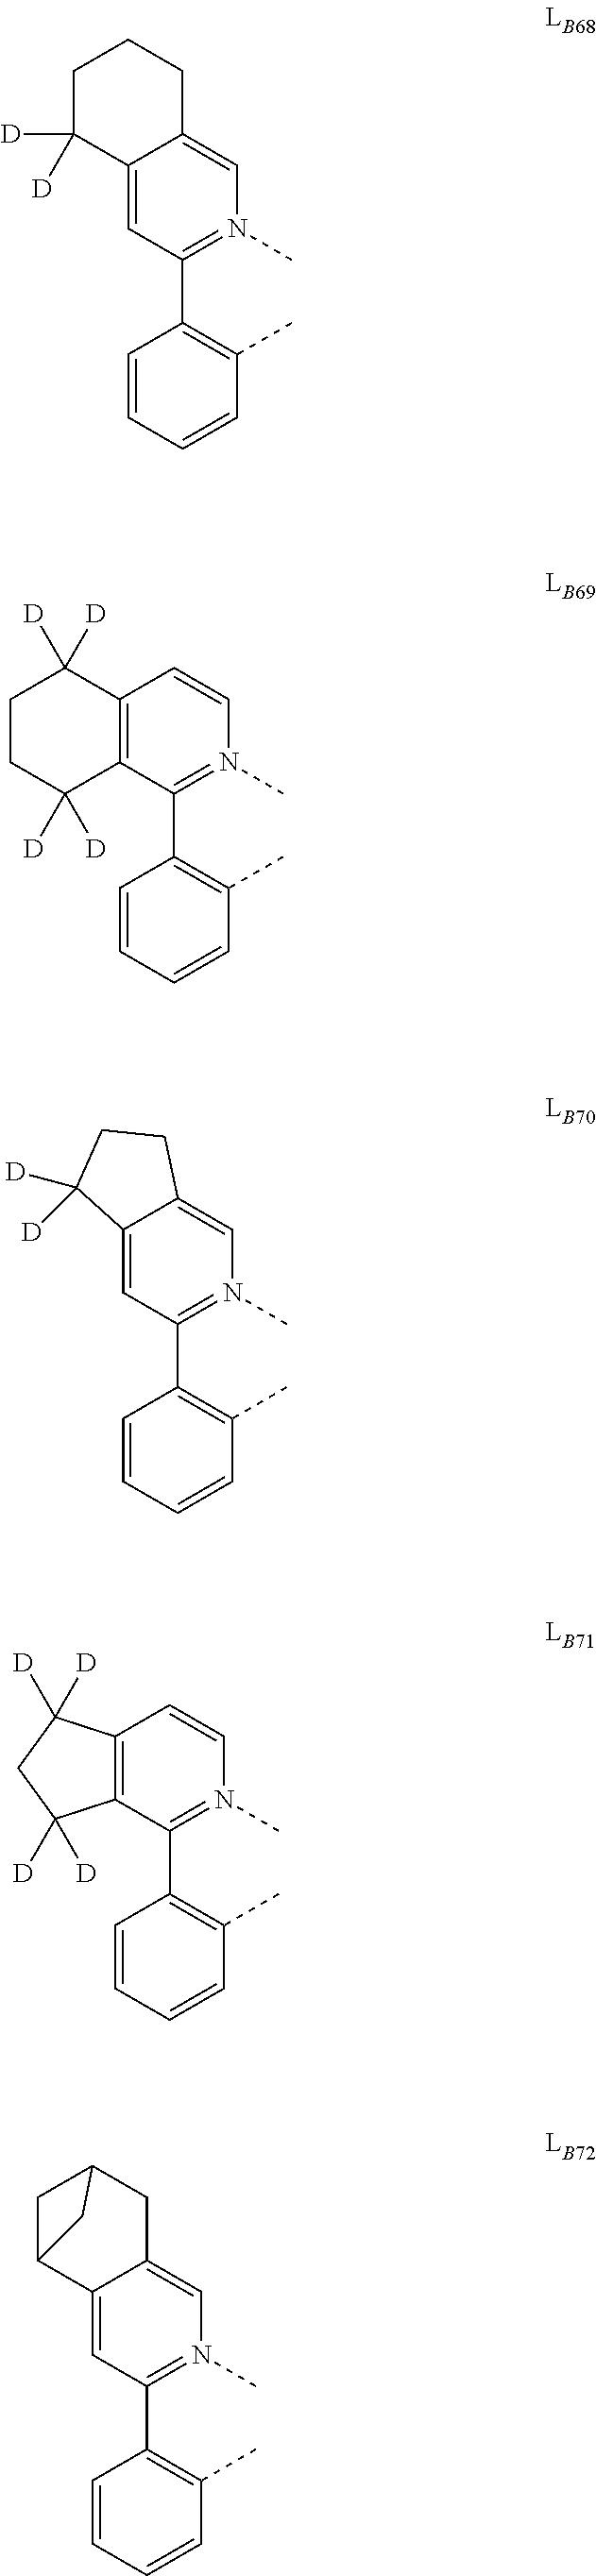 Figure US09929360-20180327-C00050